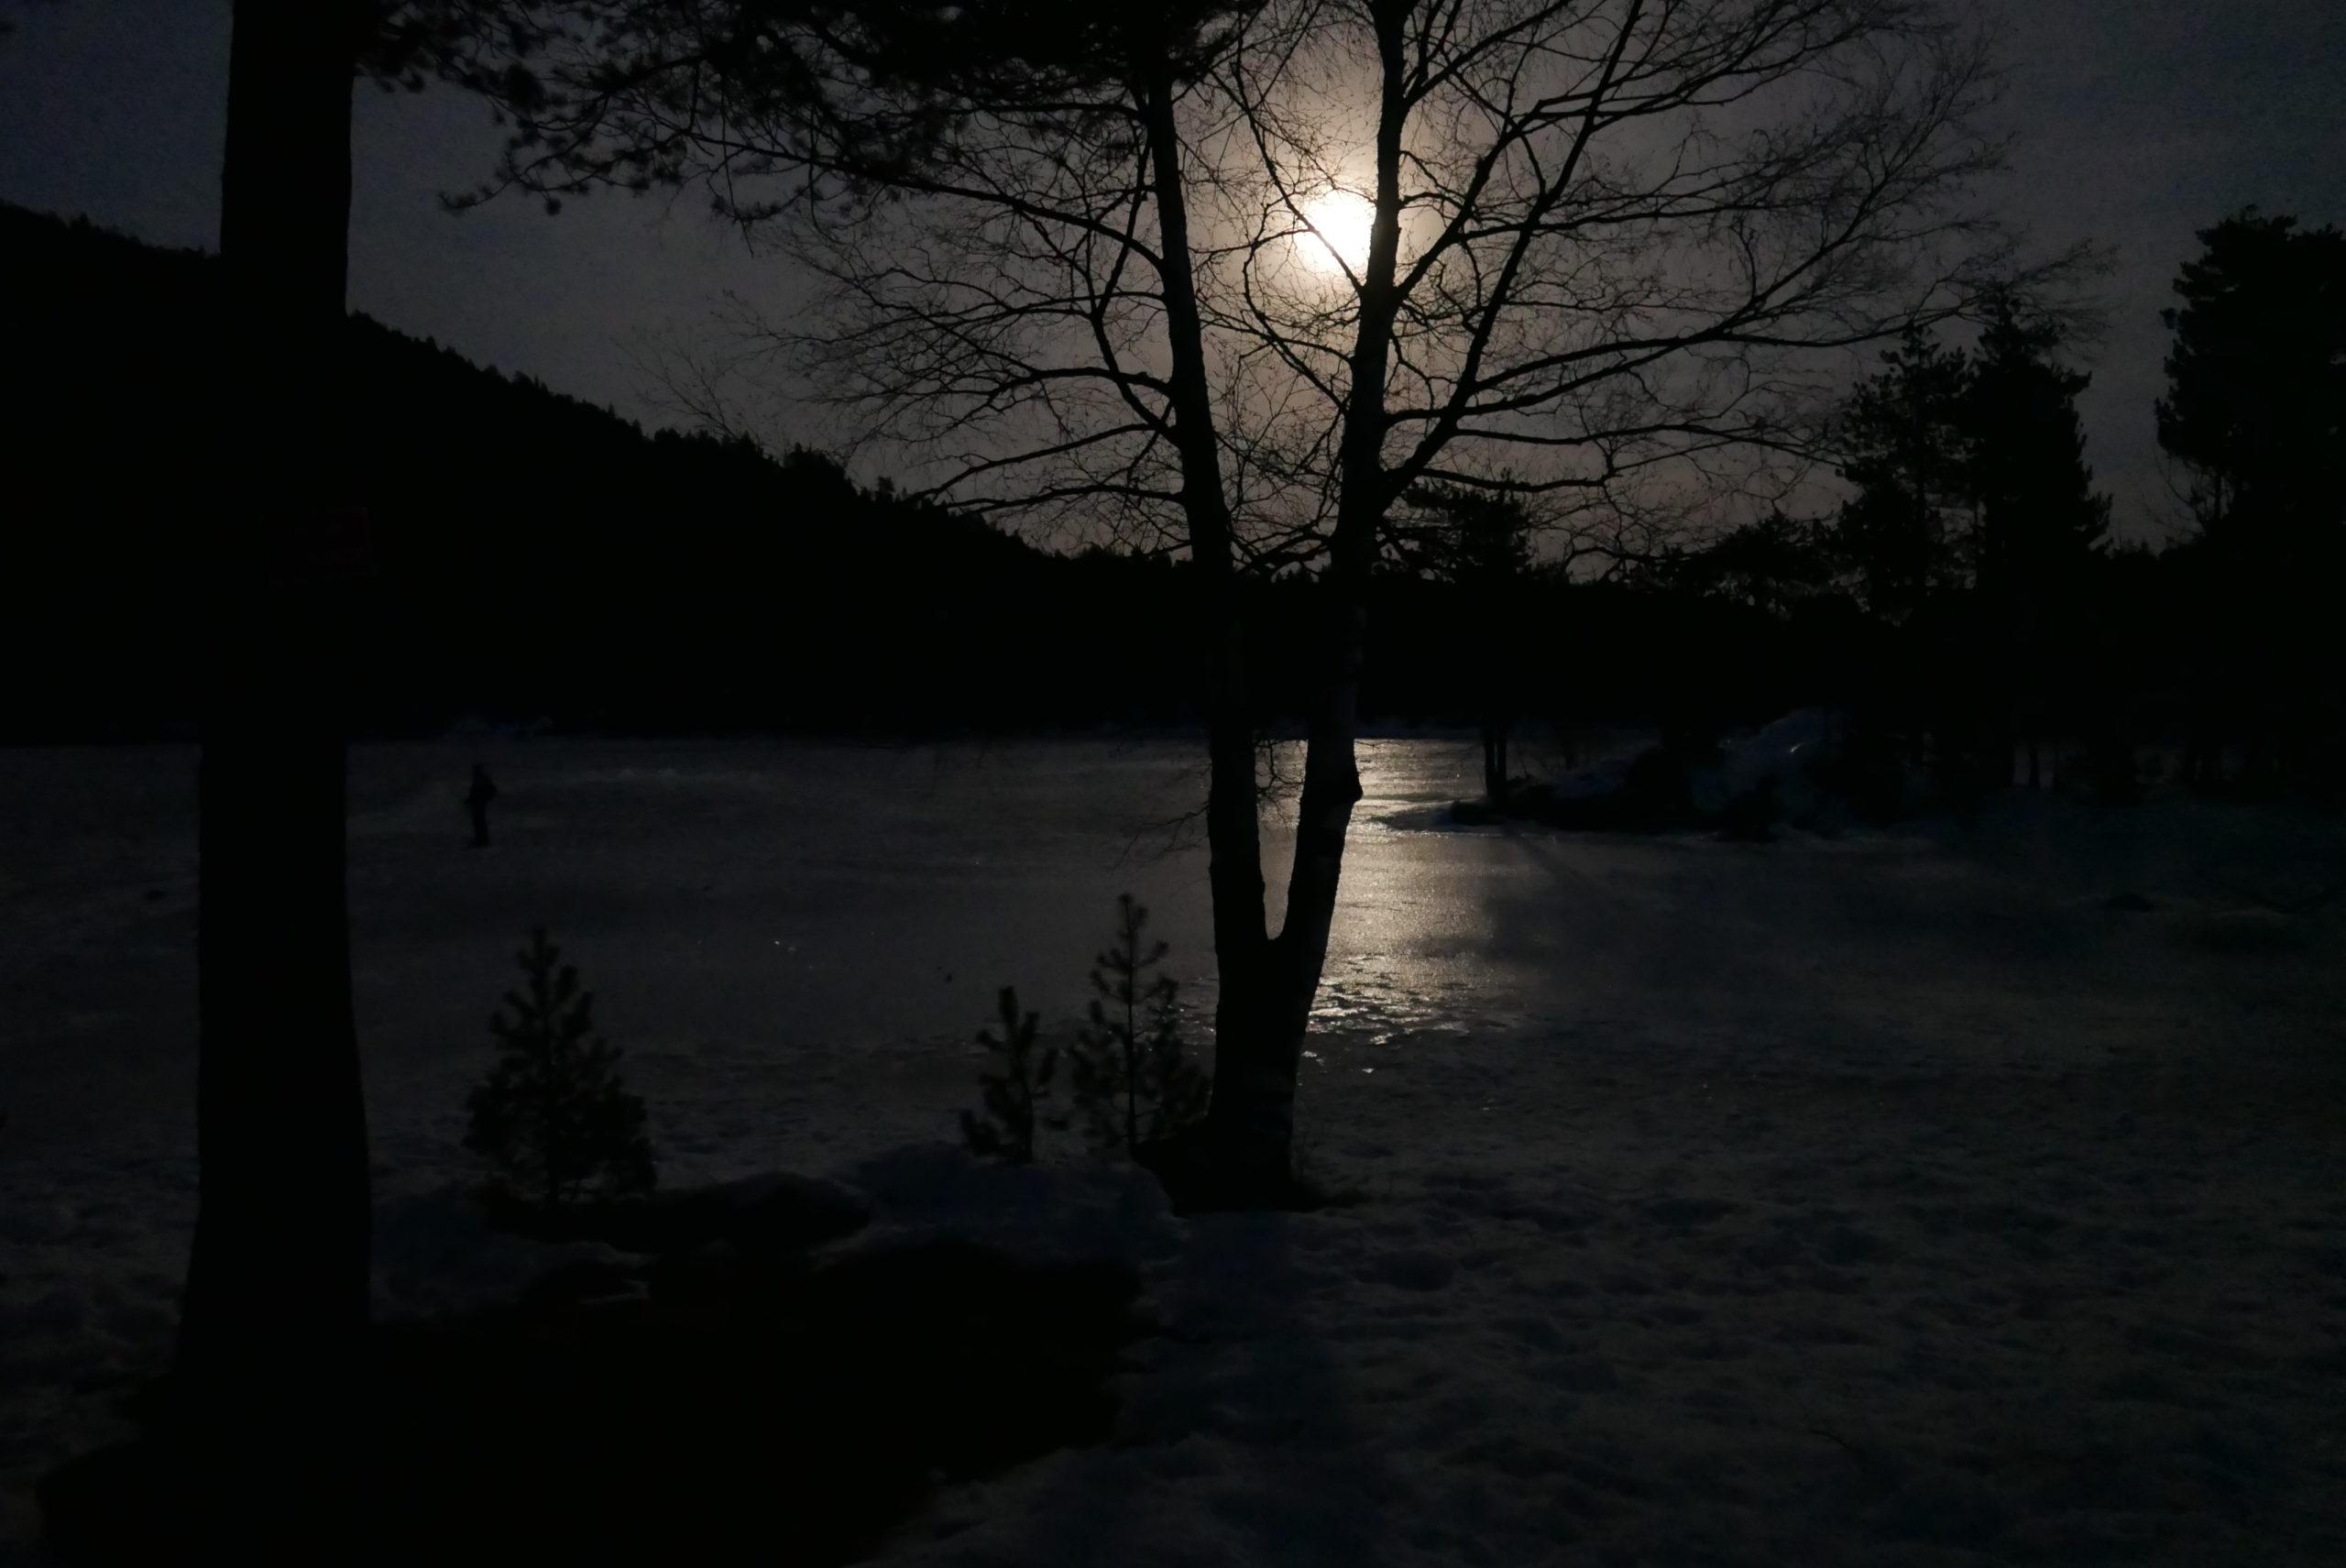 raquetes sota la lluna